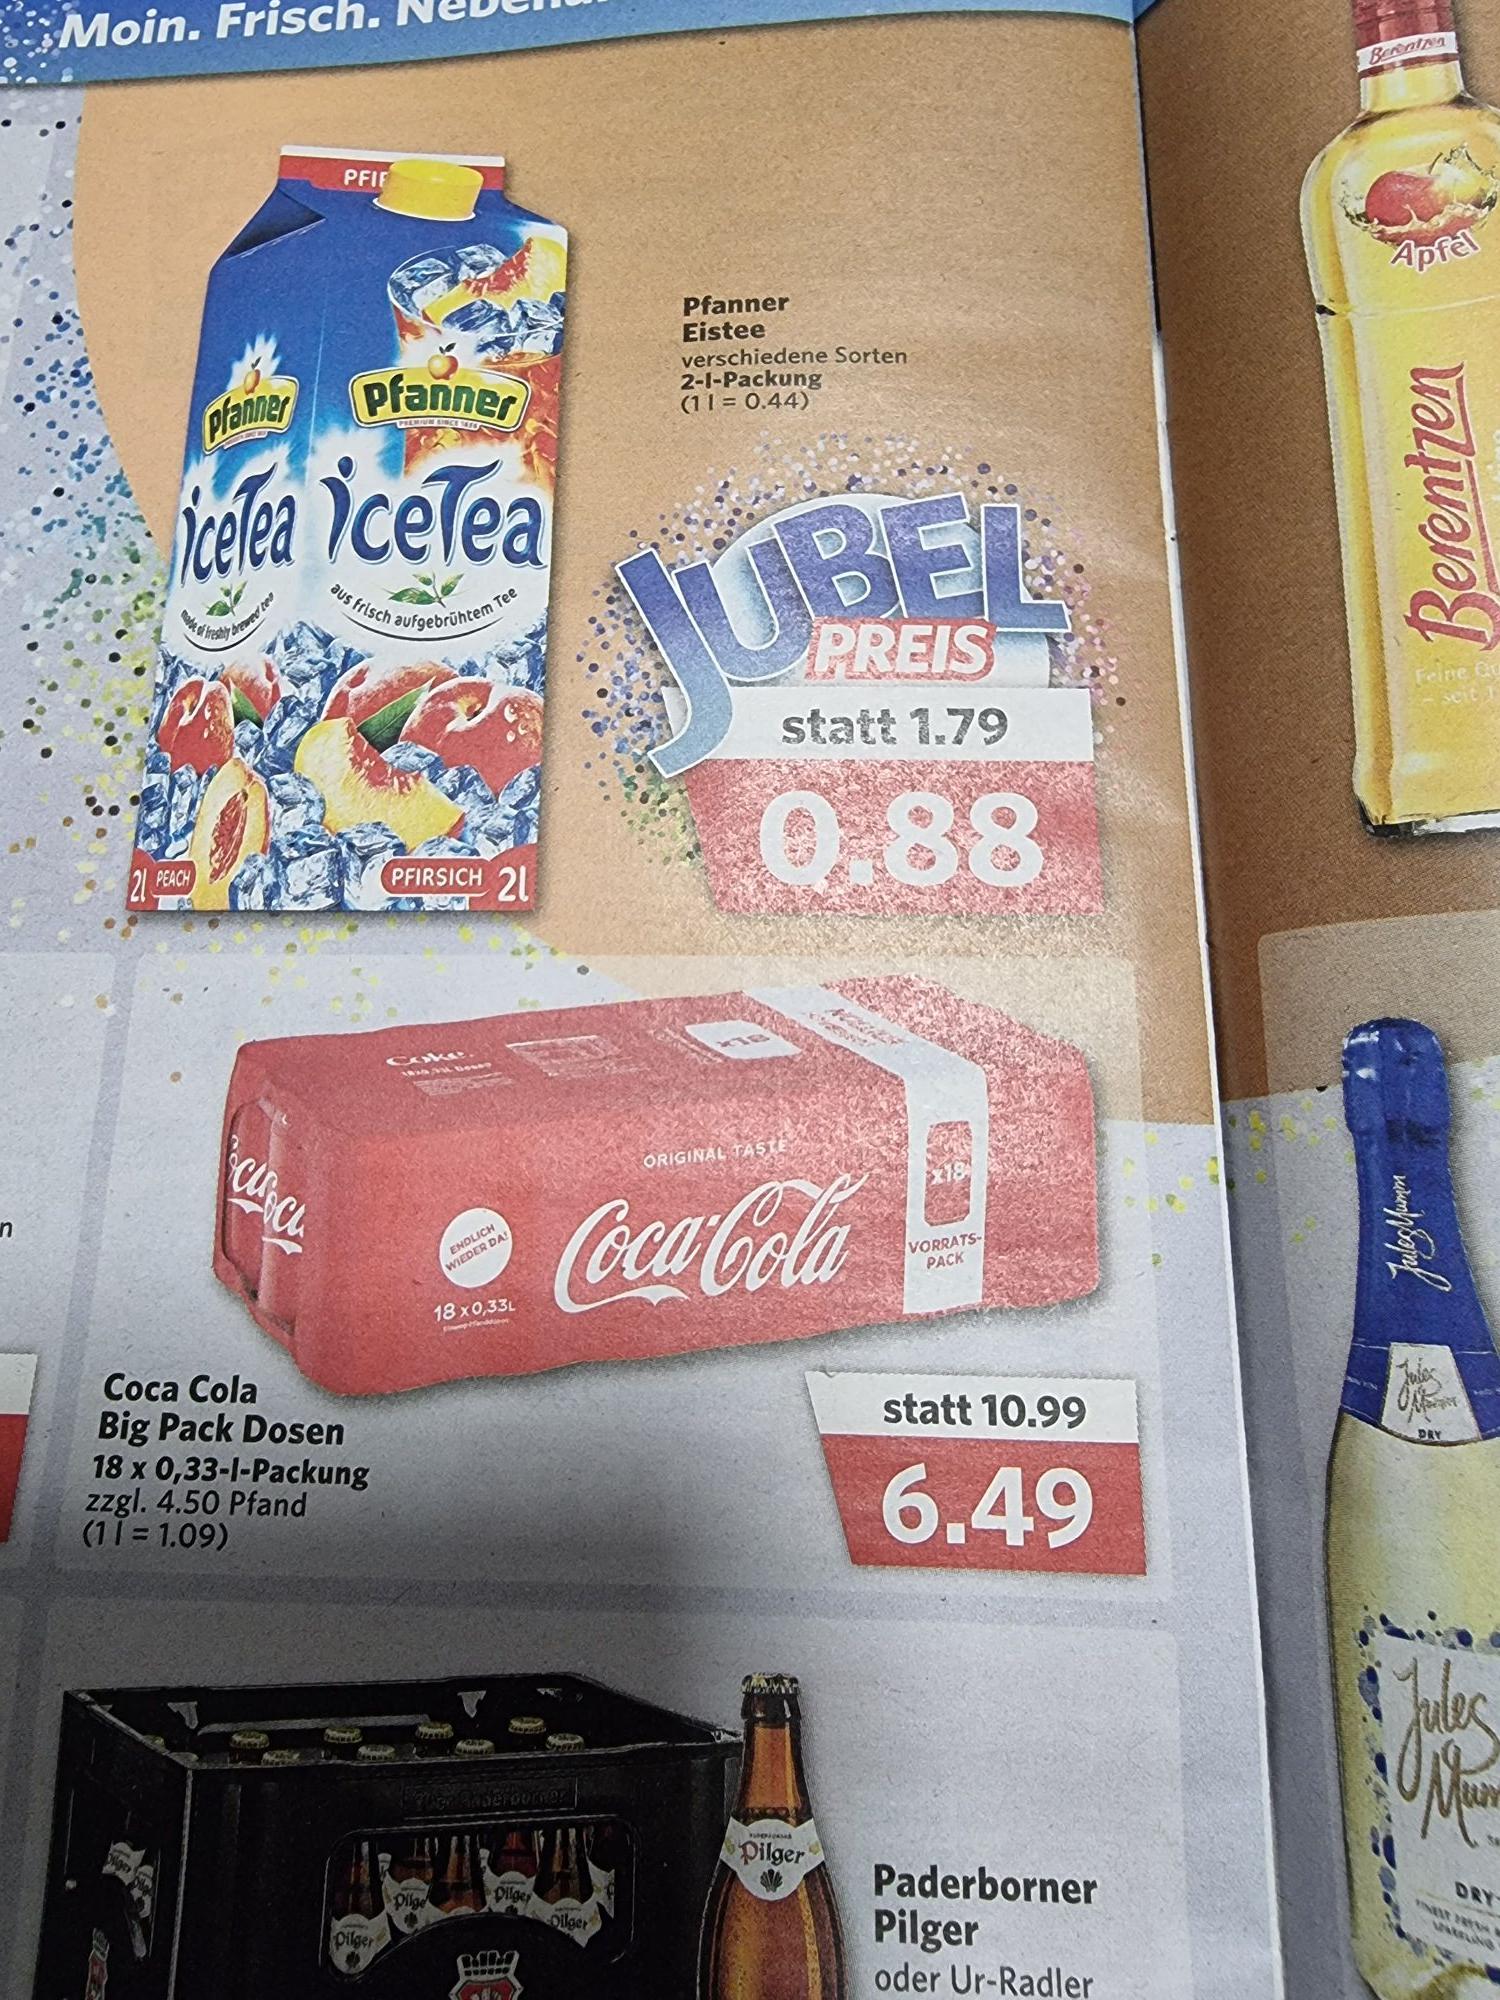 Coca-Cola 18x0.33l bei Combi für 6.49€ zzgl.4.5€ Pfand statt 10.99€